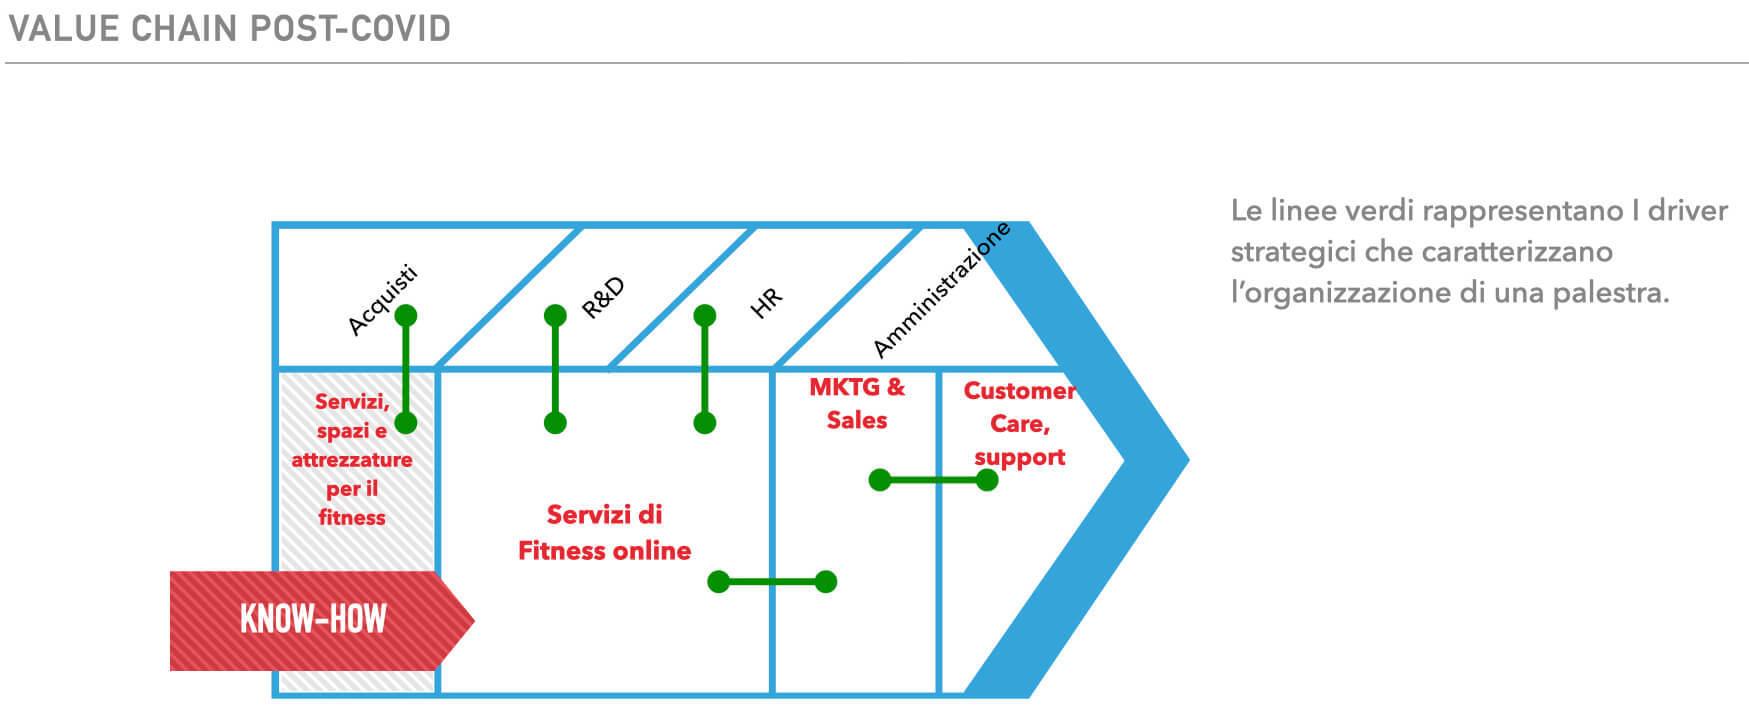 Catena del valore di un centro fitness post Coronavirus